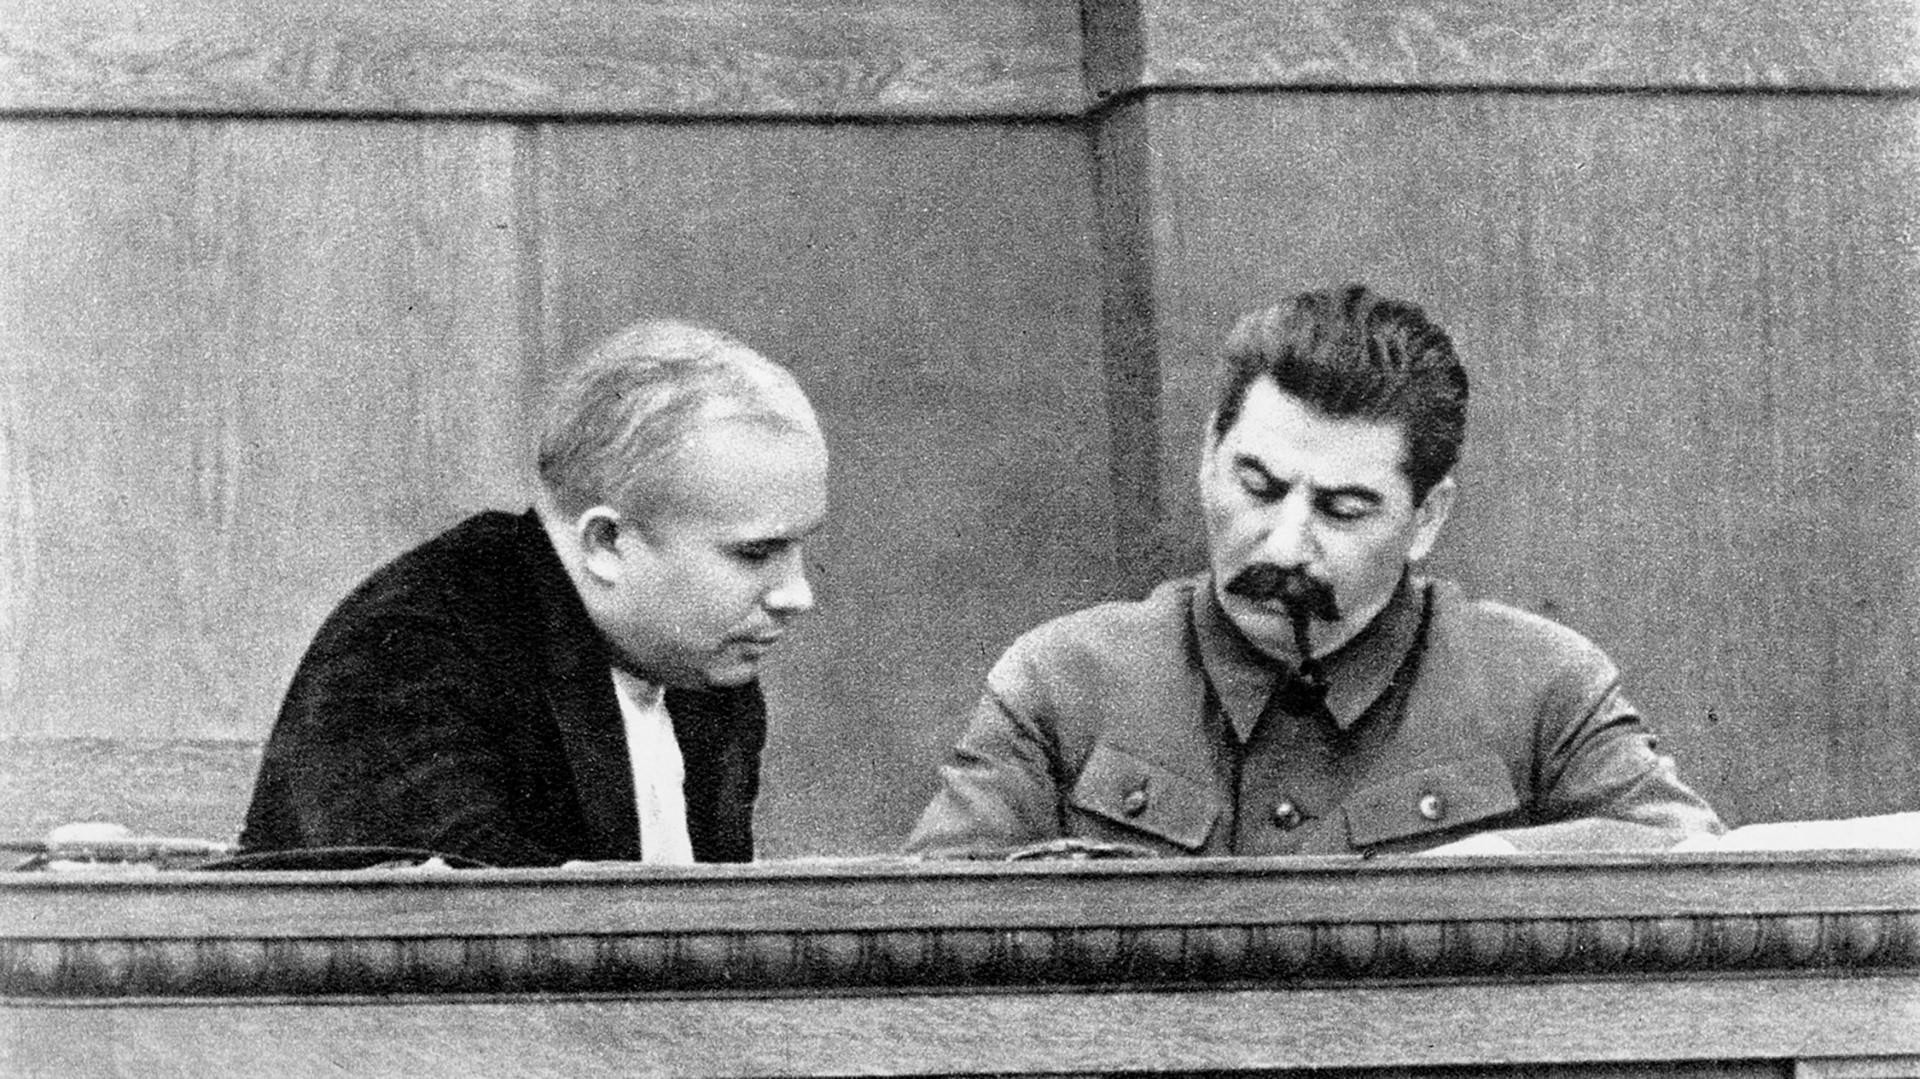 Јосиф Стаљин и Никита Хрушчов, јаунар 1936.